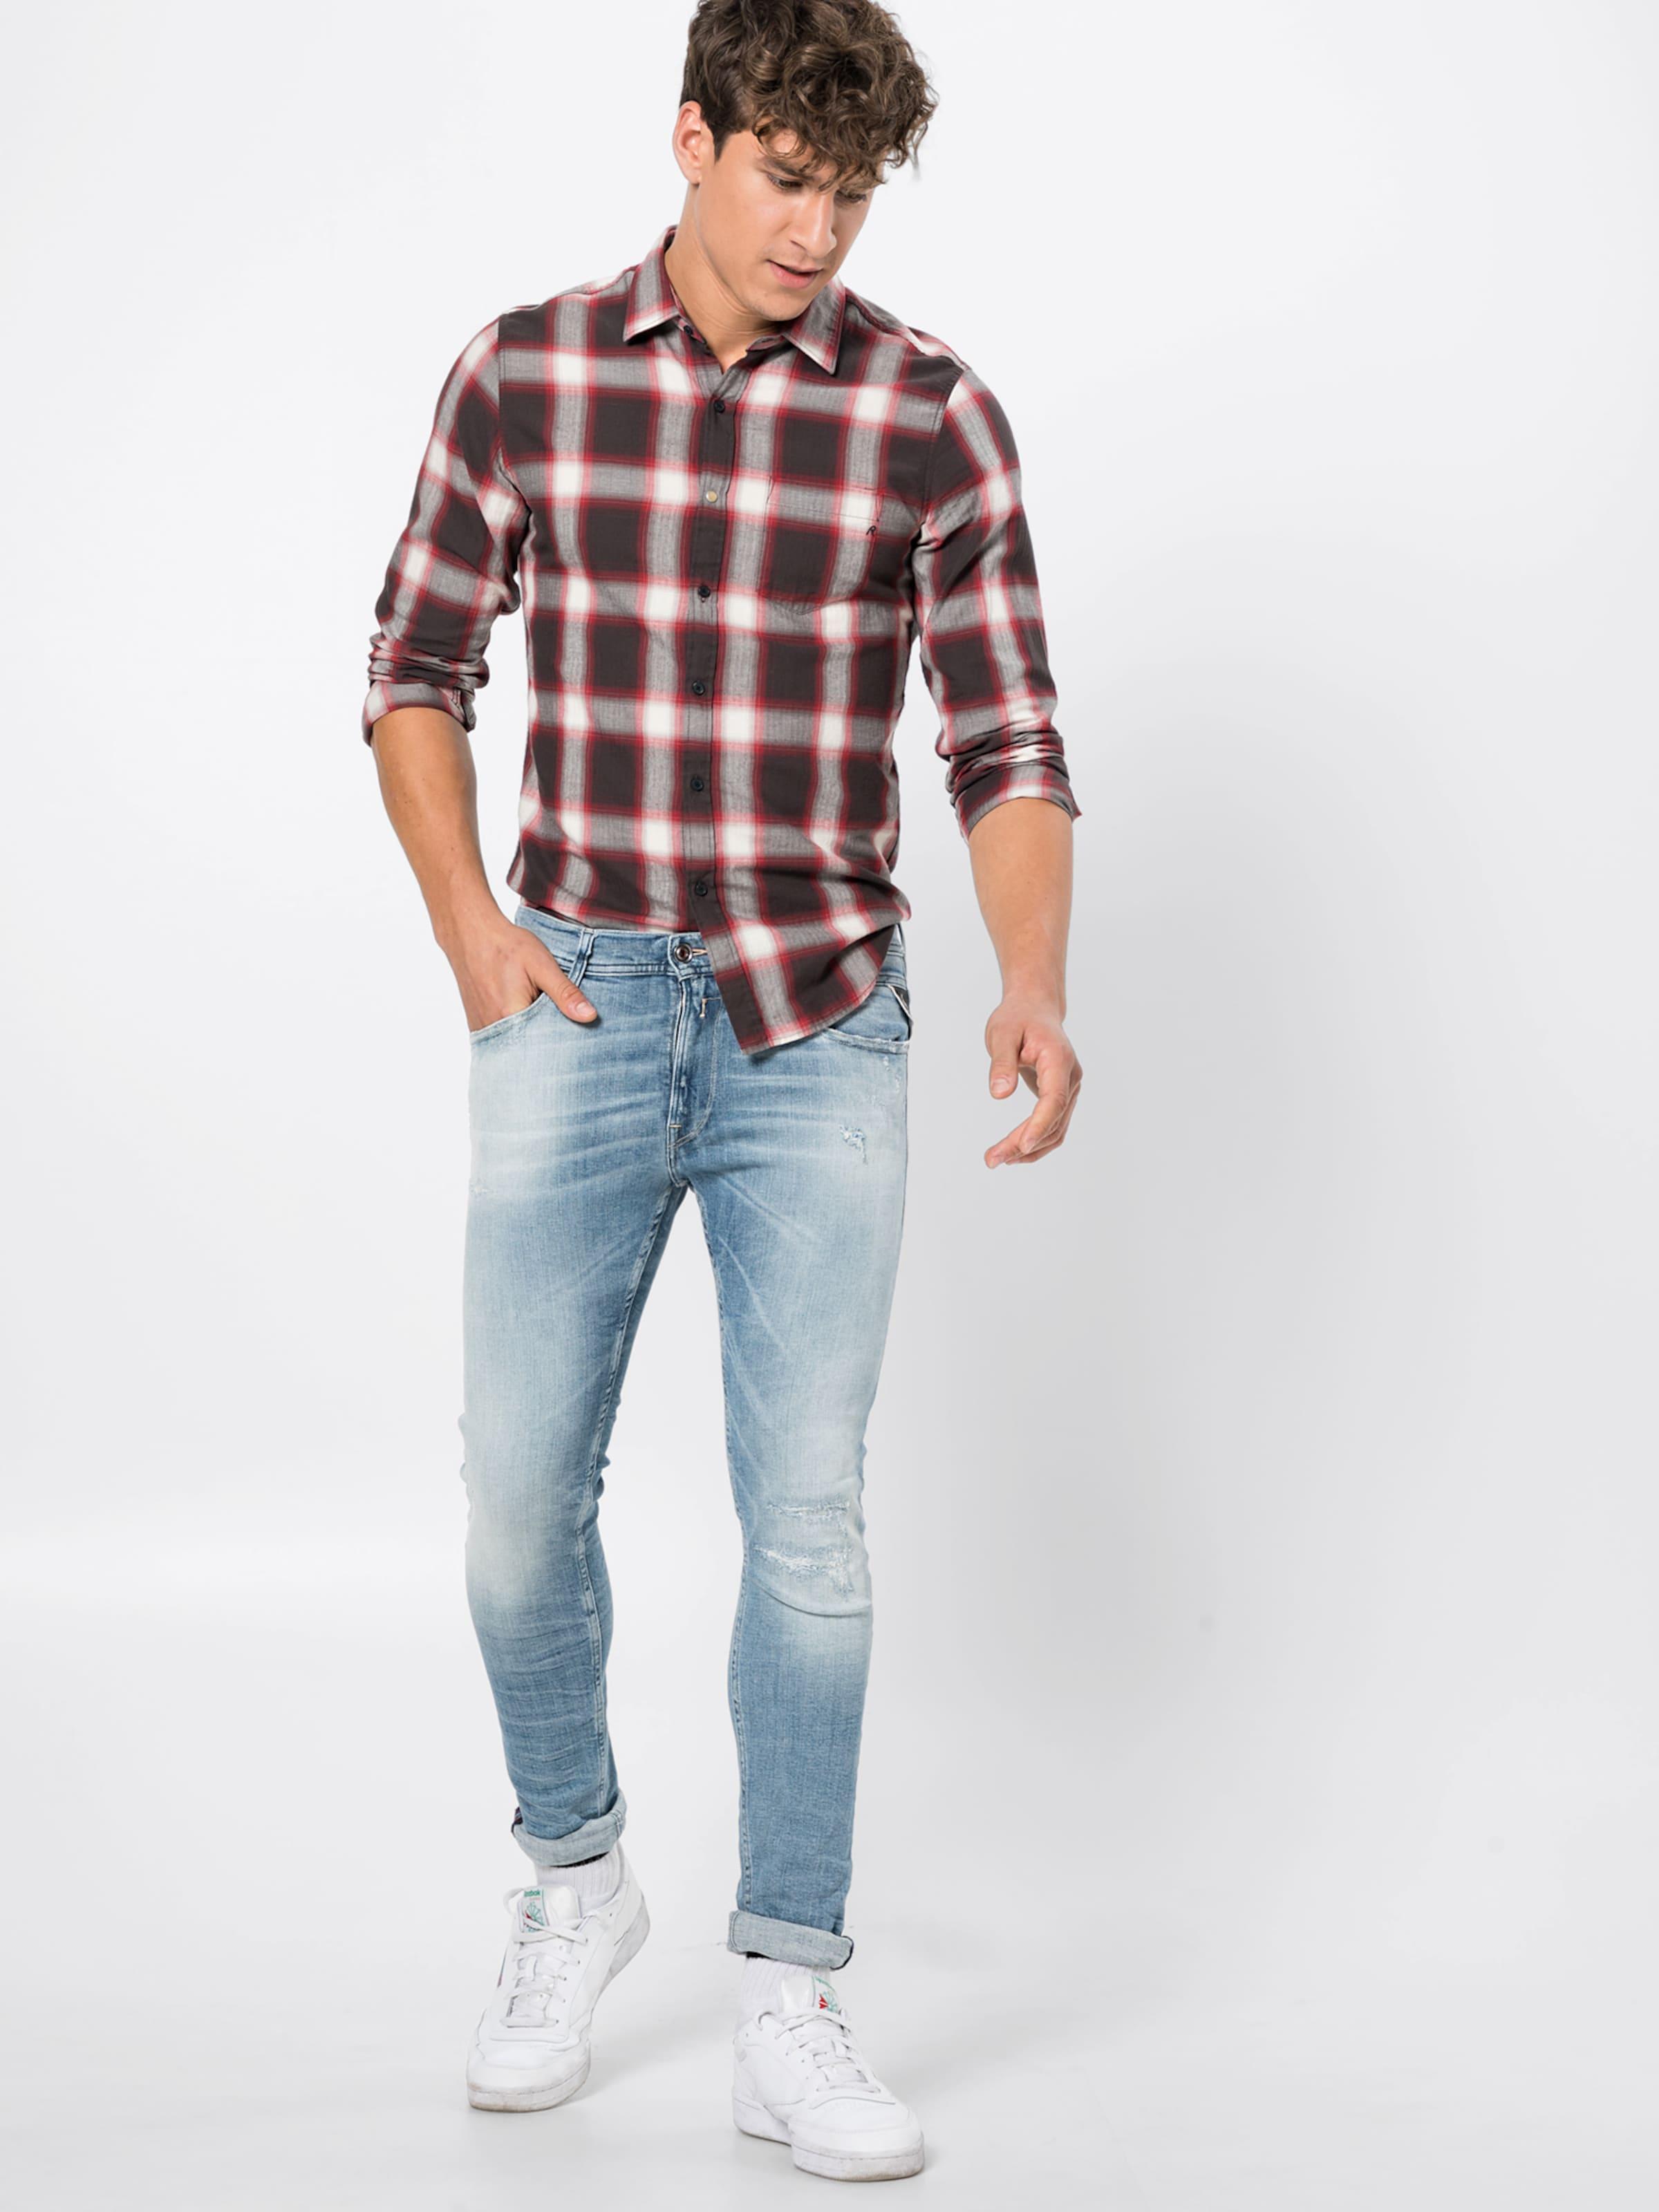 Replay 'jondrill' Denim In Jeans Blue sQrthd